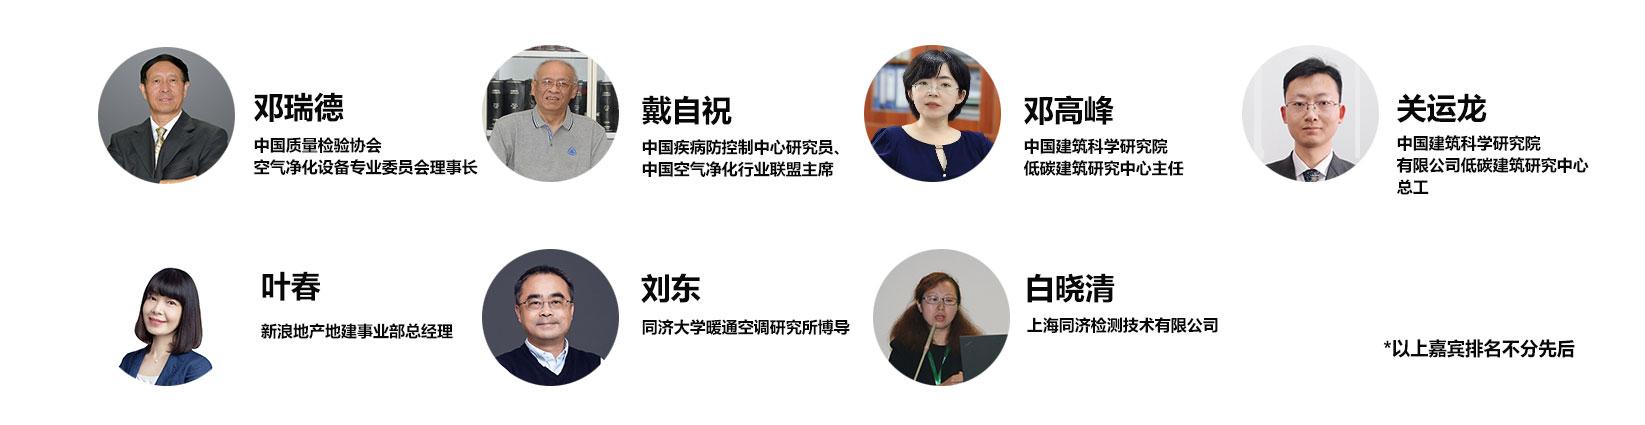 第五届新风净化行业新材料 新技术 新产品交流研讨会-上海空气新风展 AIRVENTEC CHINA 2022.6.8-10新风系统 通风设备 空气净化